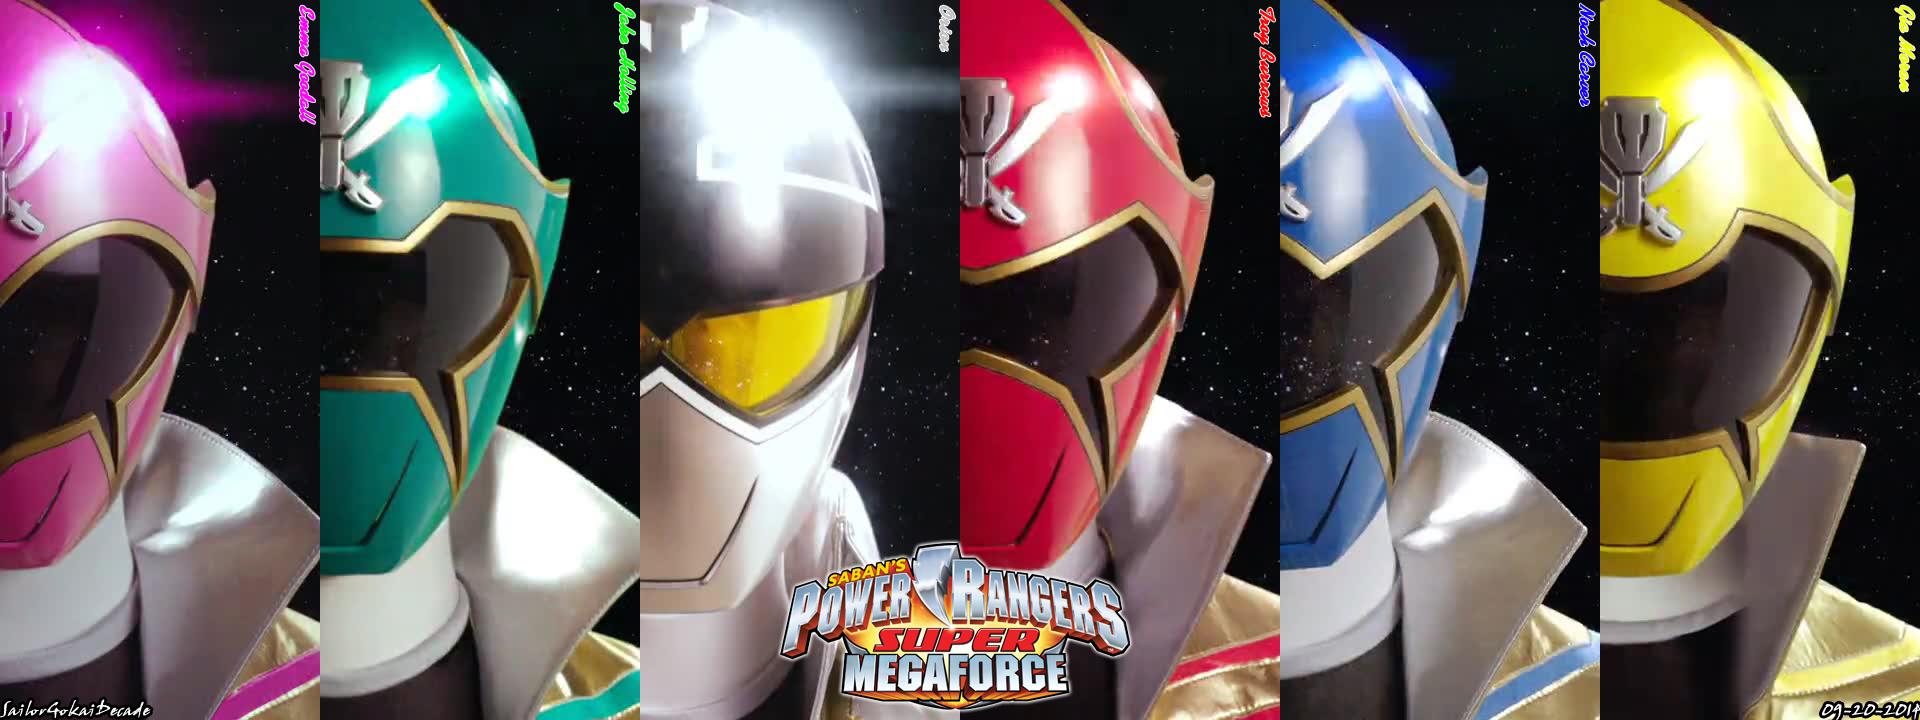 Power Rangers Super Megaforce Facebook Cover 3 By Jm511 On Deviantart